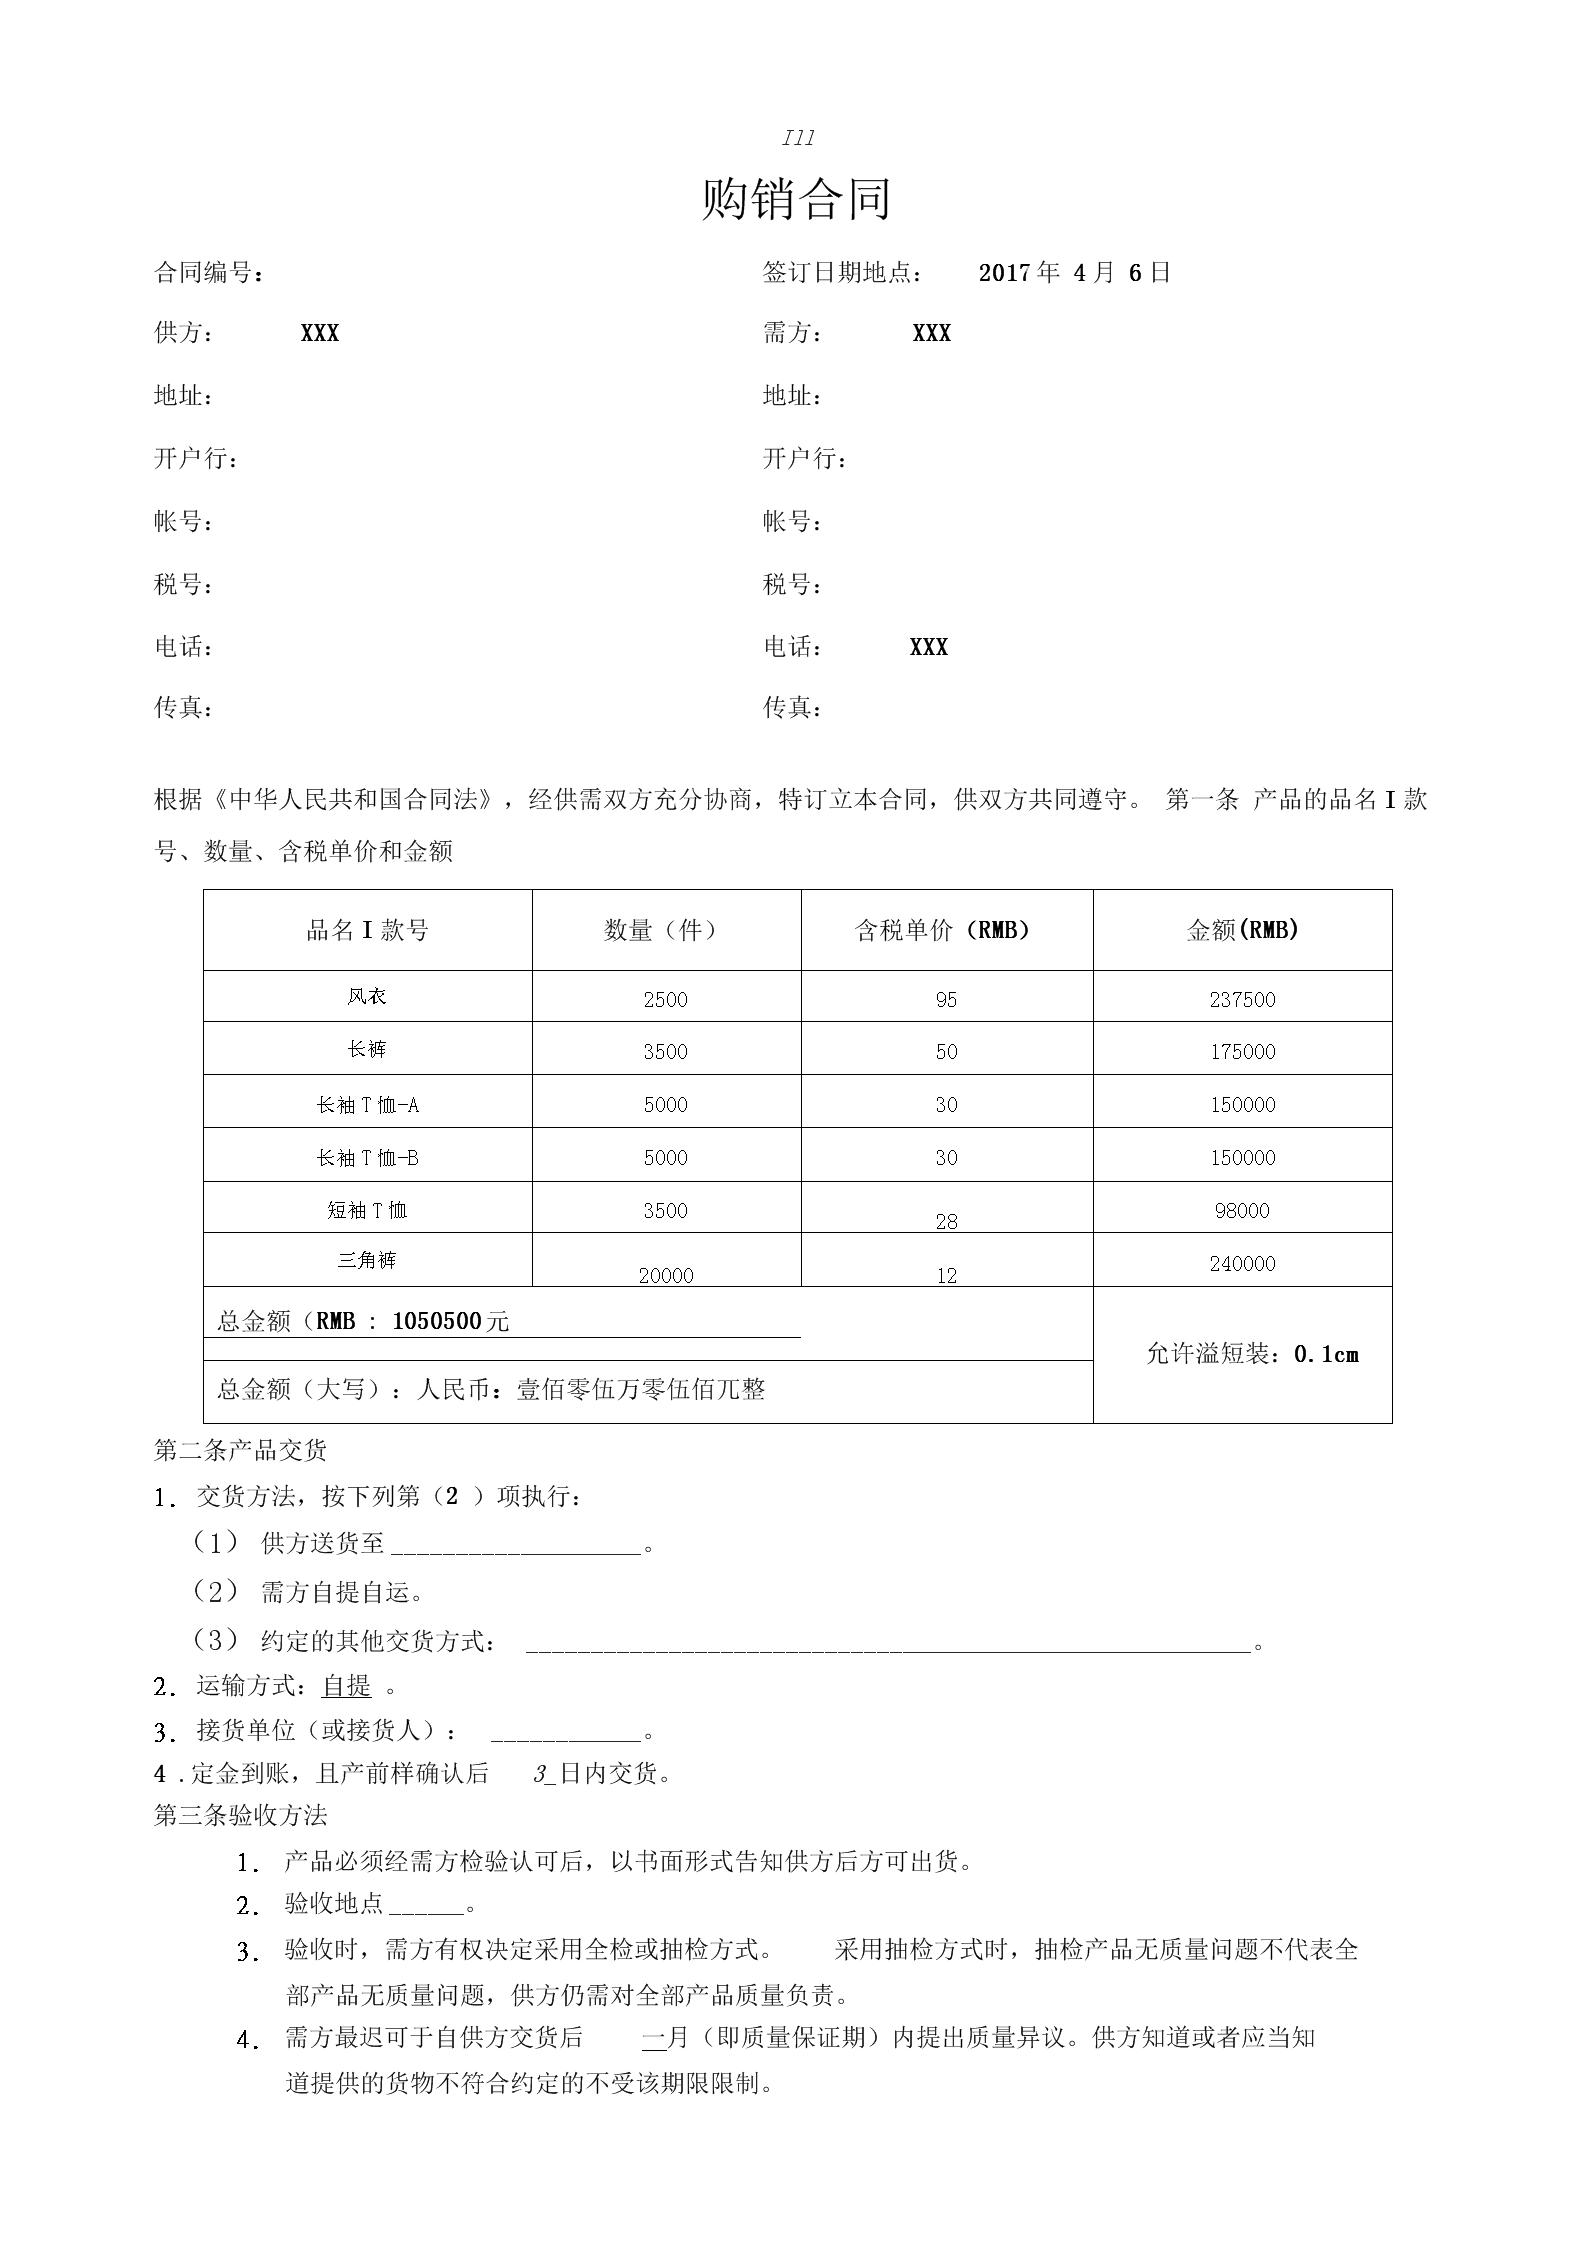 推荐-服装厂购销合同样本-2017年银行用.docx